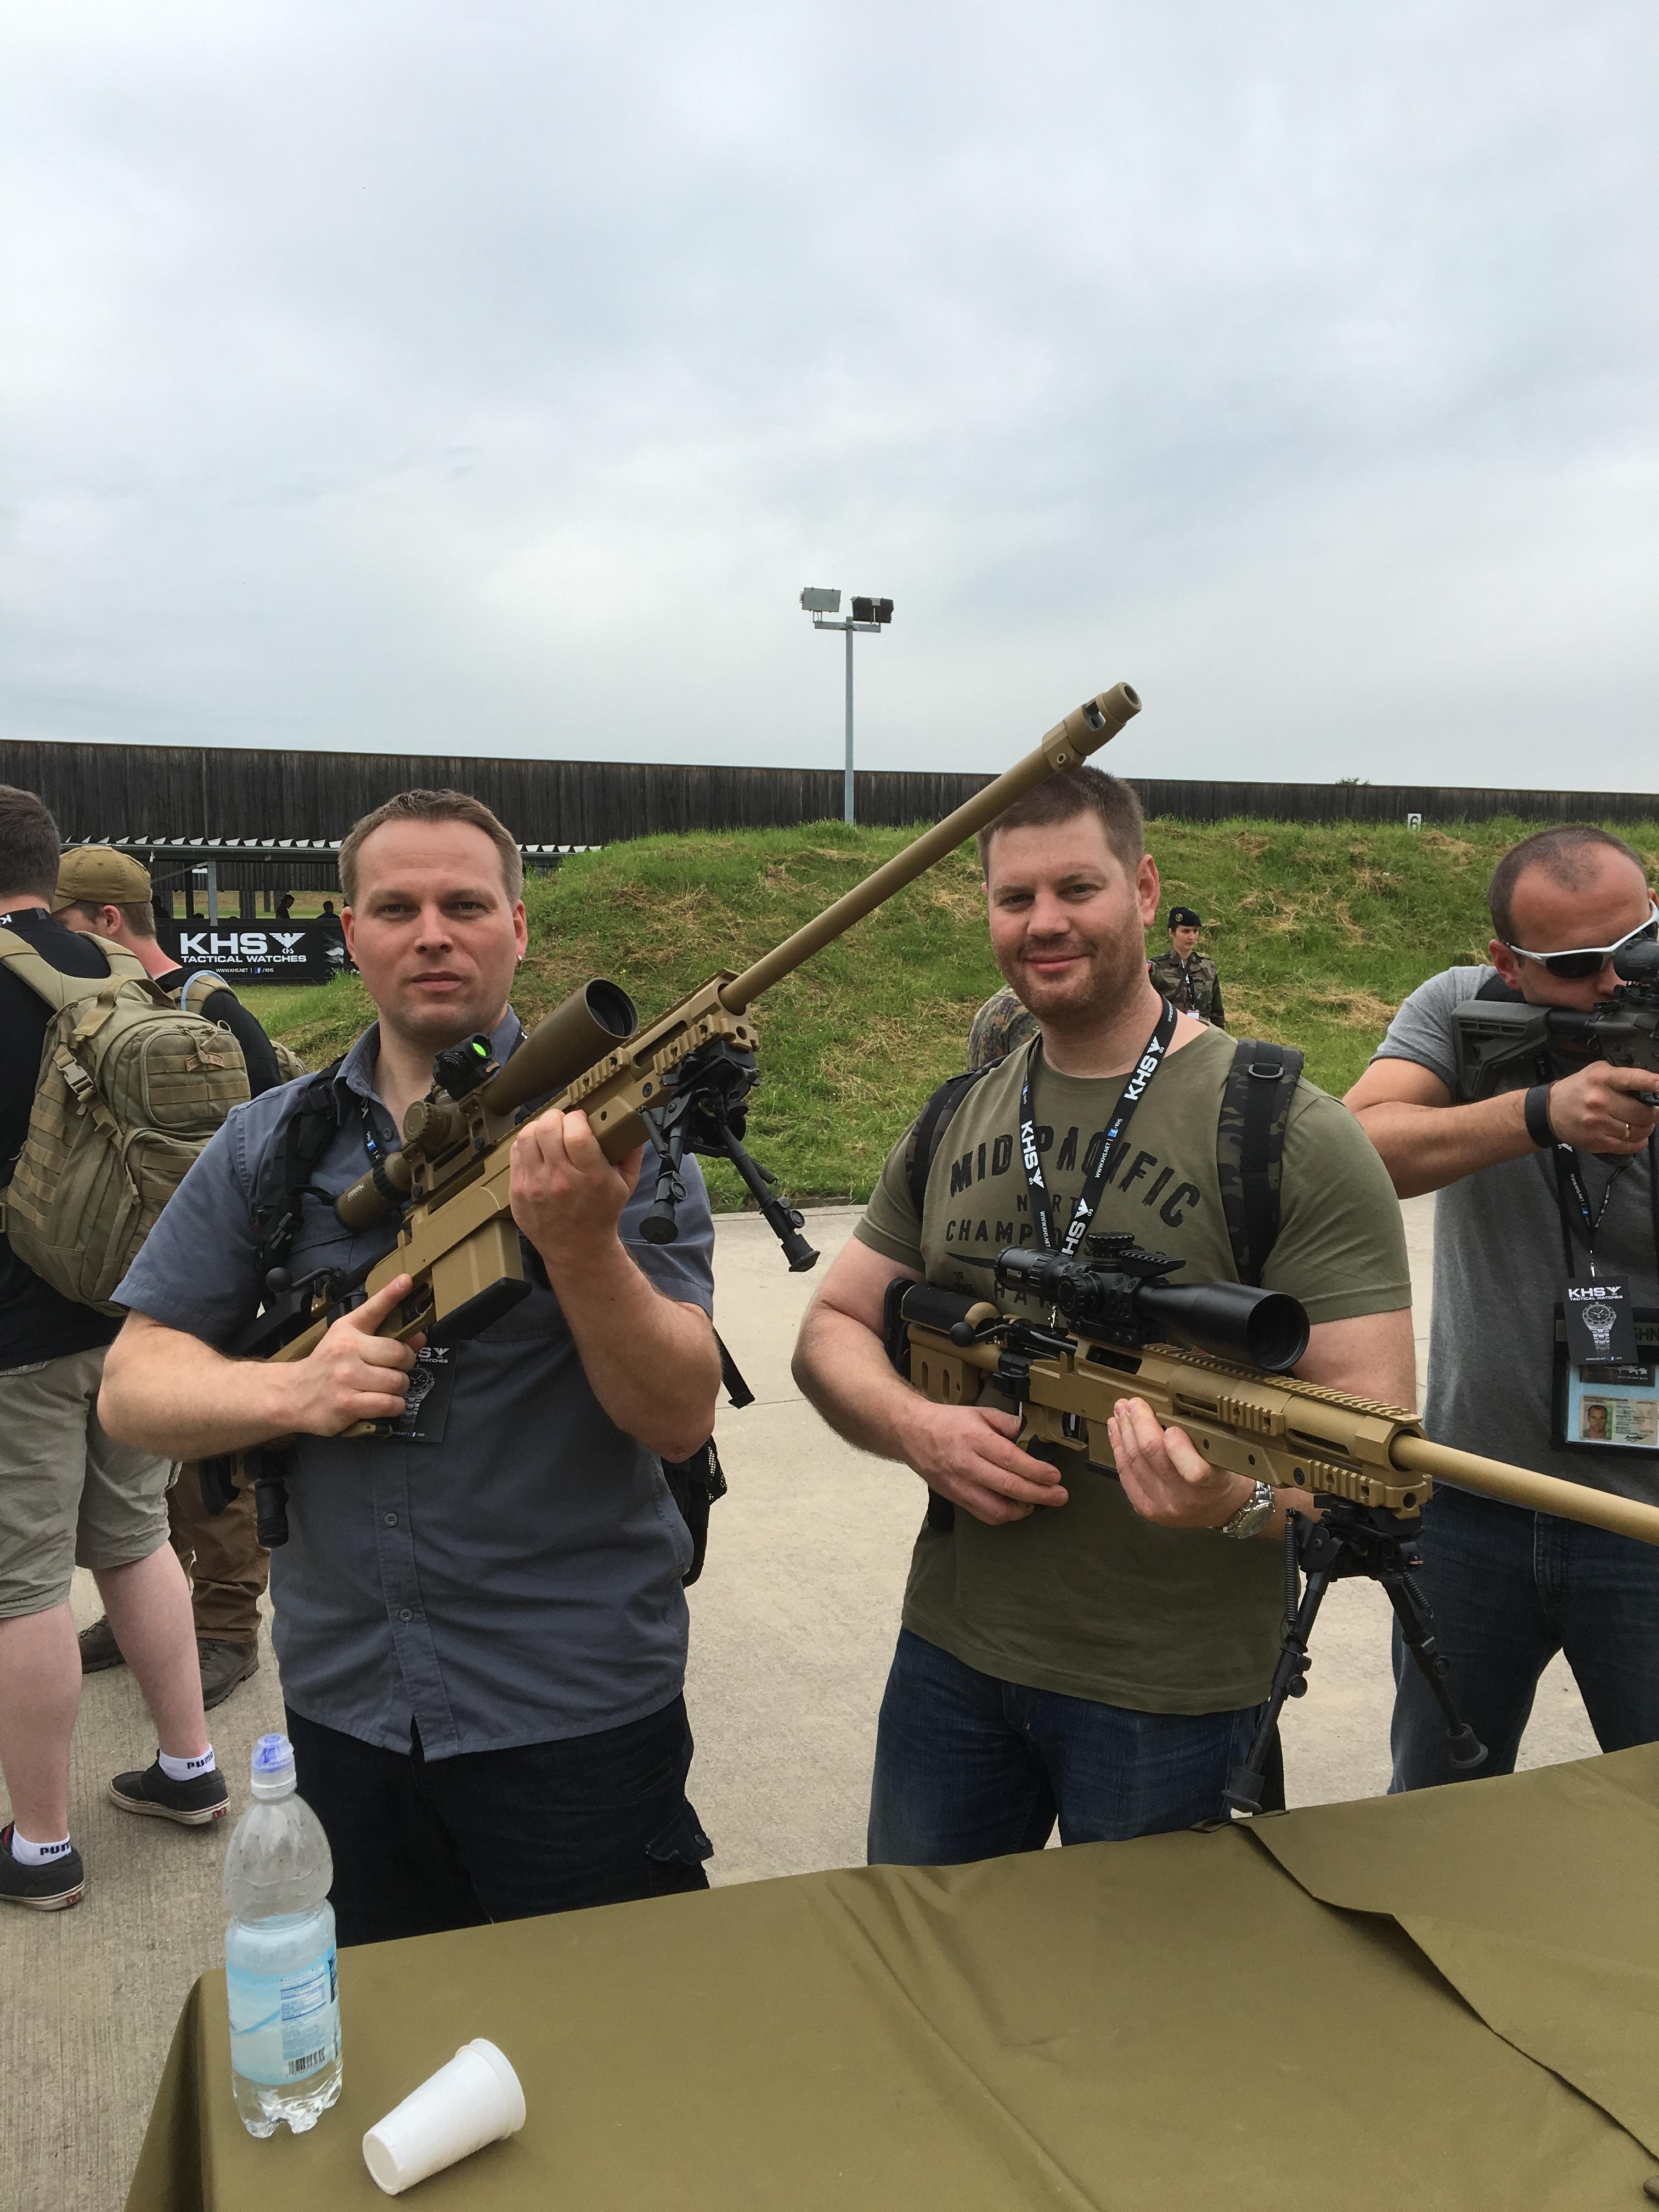 Patrick und Michael mit Scharfschützengewehren